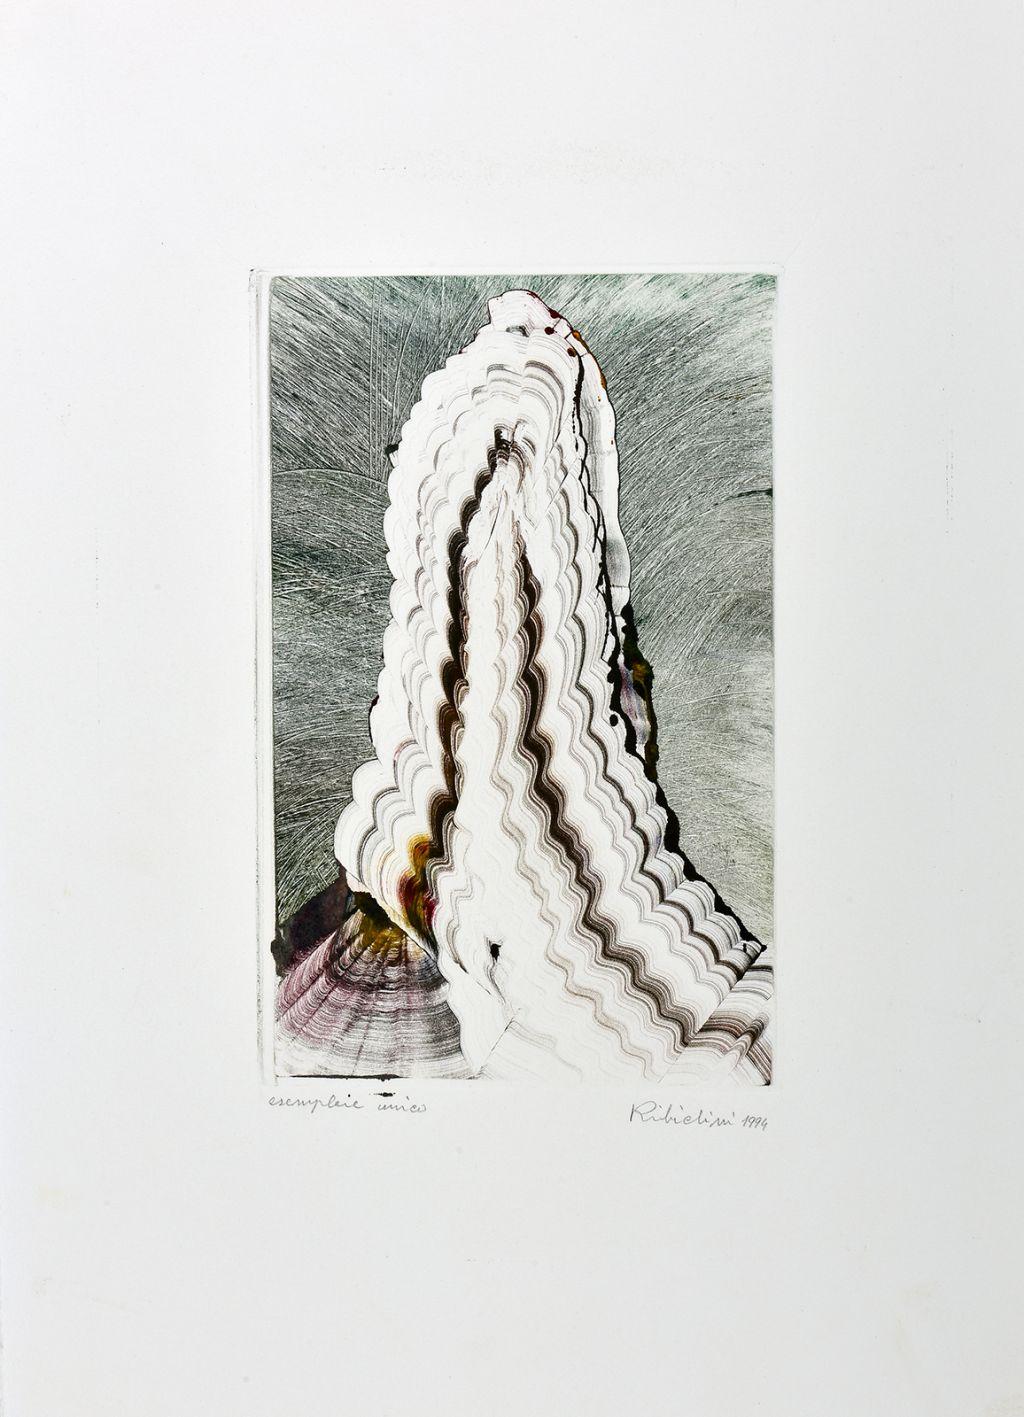 ribichini-matteo-acquaforte-unico-esemplare